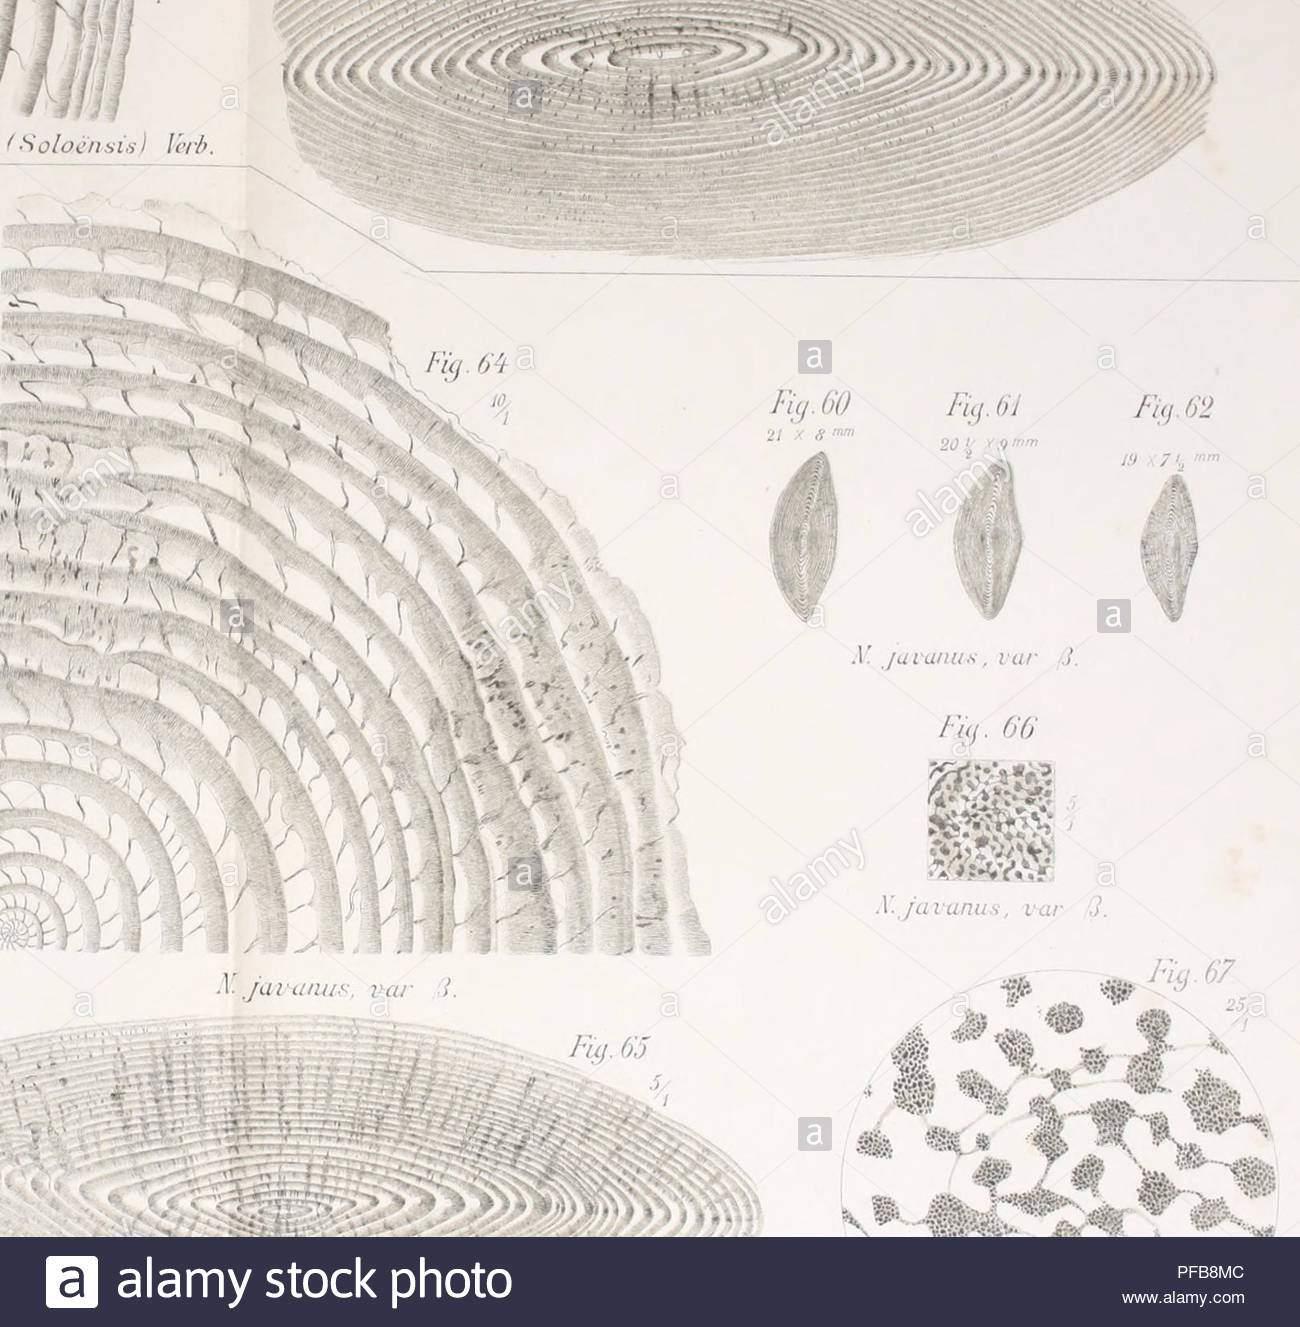 beschreibung gologique de java et madoura geologie geologie vulkane foraminiferen fossil auai anus var k javanus var1 fnj 67 68 xummuhtes javanus va j verb 0 v jaianu s i ar3 bitte beachten sie dass se bilder sind von der gescannten seite bilder digital fur lesbarkeit verbessert haben mogen farbung und aussehen ser abbildungen konnen nicht perfekt dem original ahneln extrahiert verbeek r m rogier derik marius 1845 1926 fennema rinder 1849 1926 amsterdam j g stemler cz pfb8mc